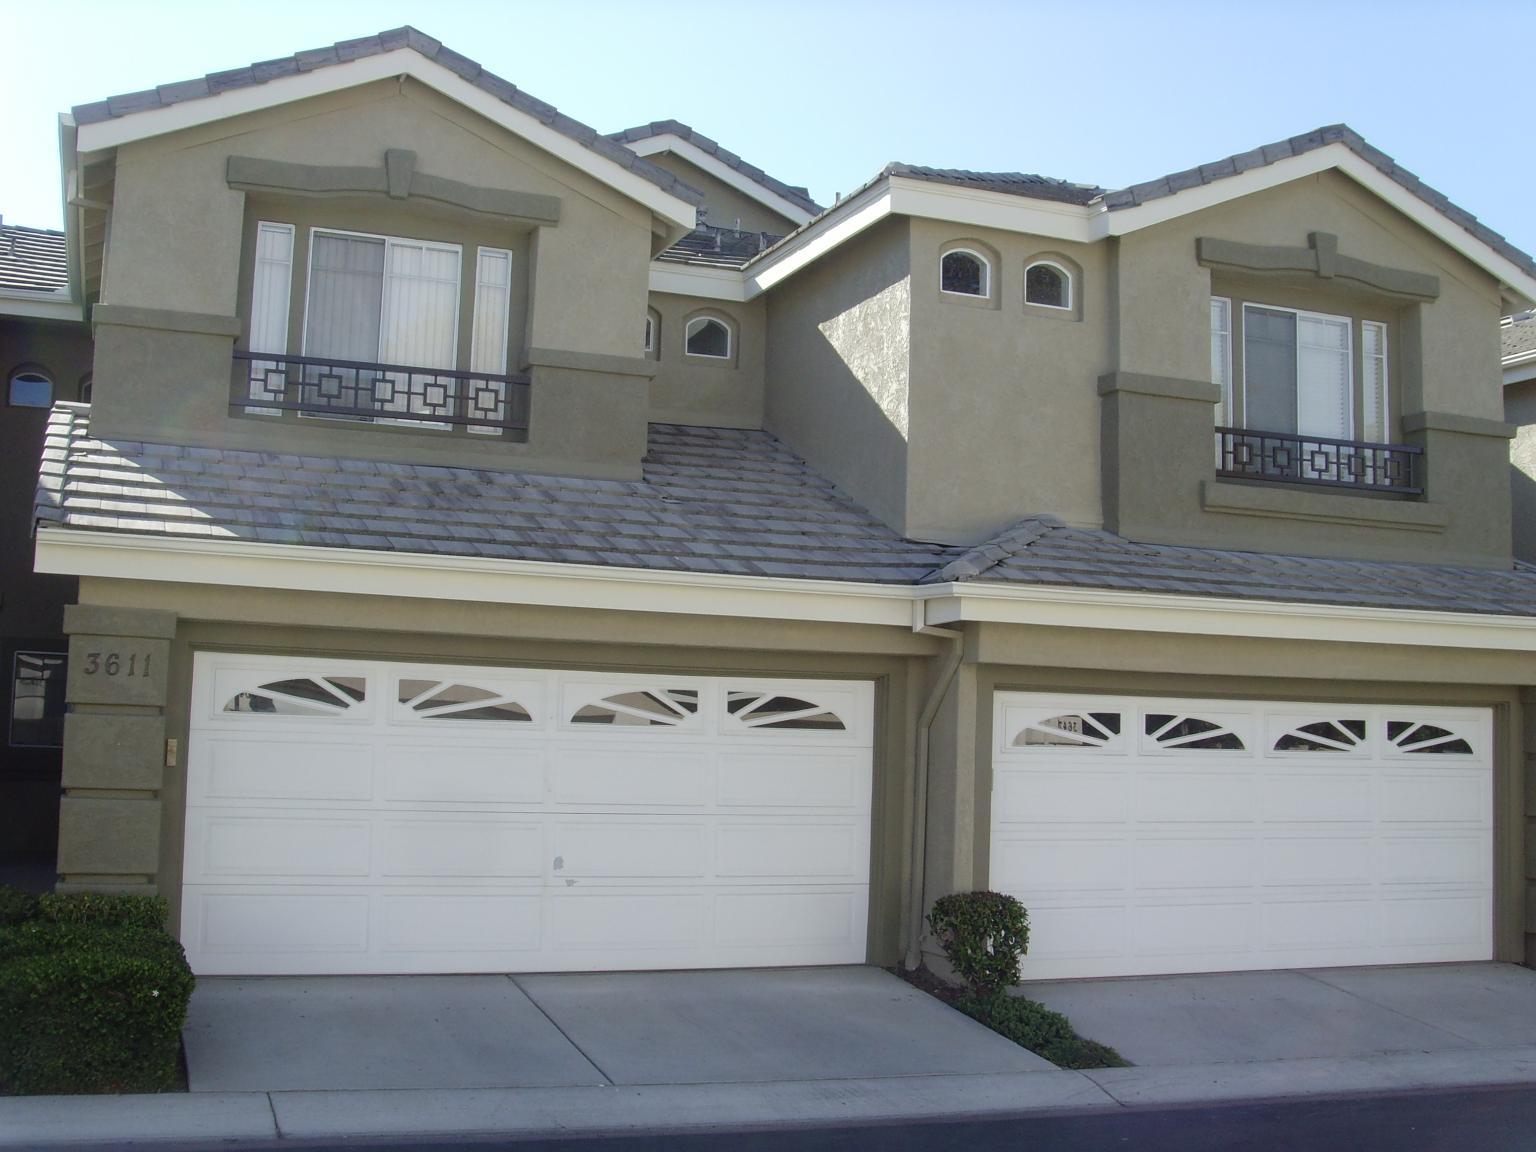 Colori casa esterno vita a san diego lhoa e il repainting - Colori esterni per case ...